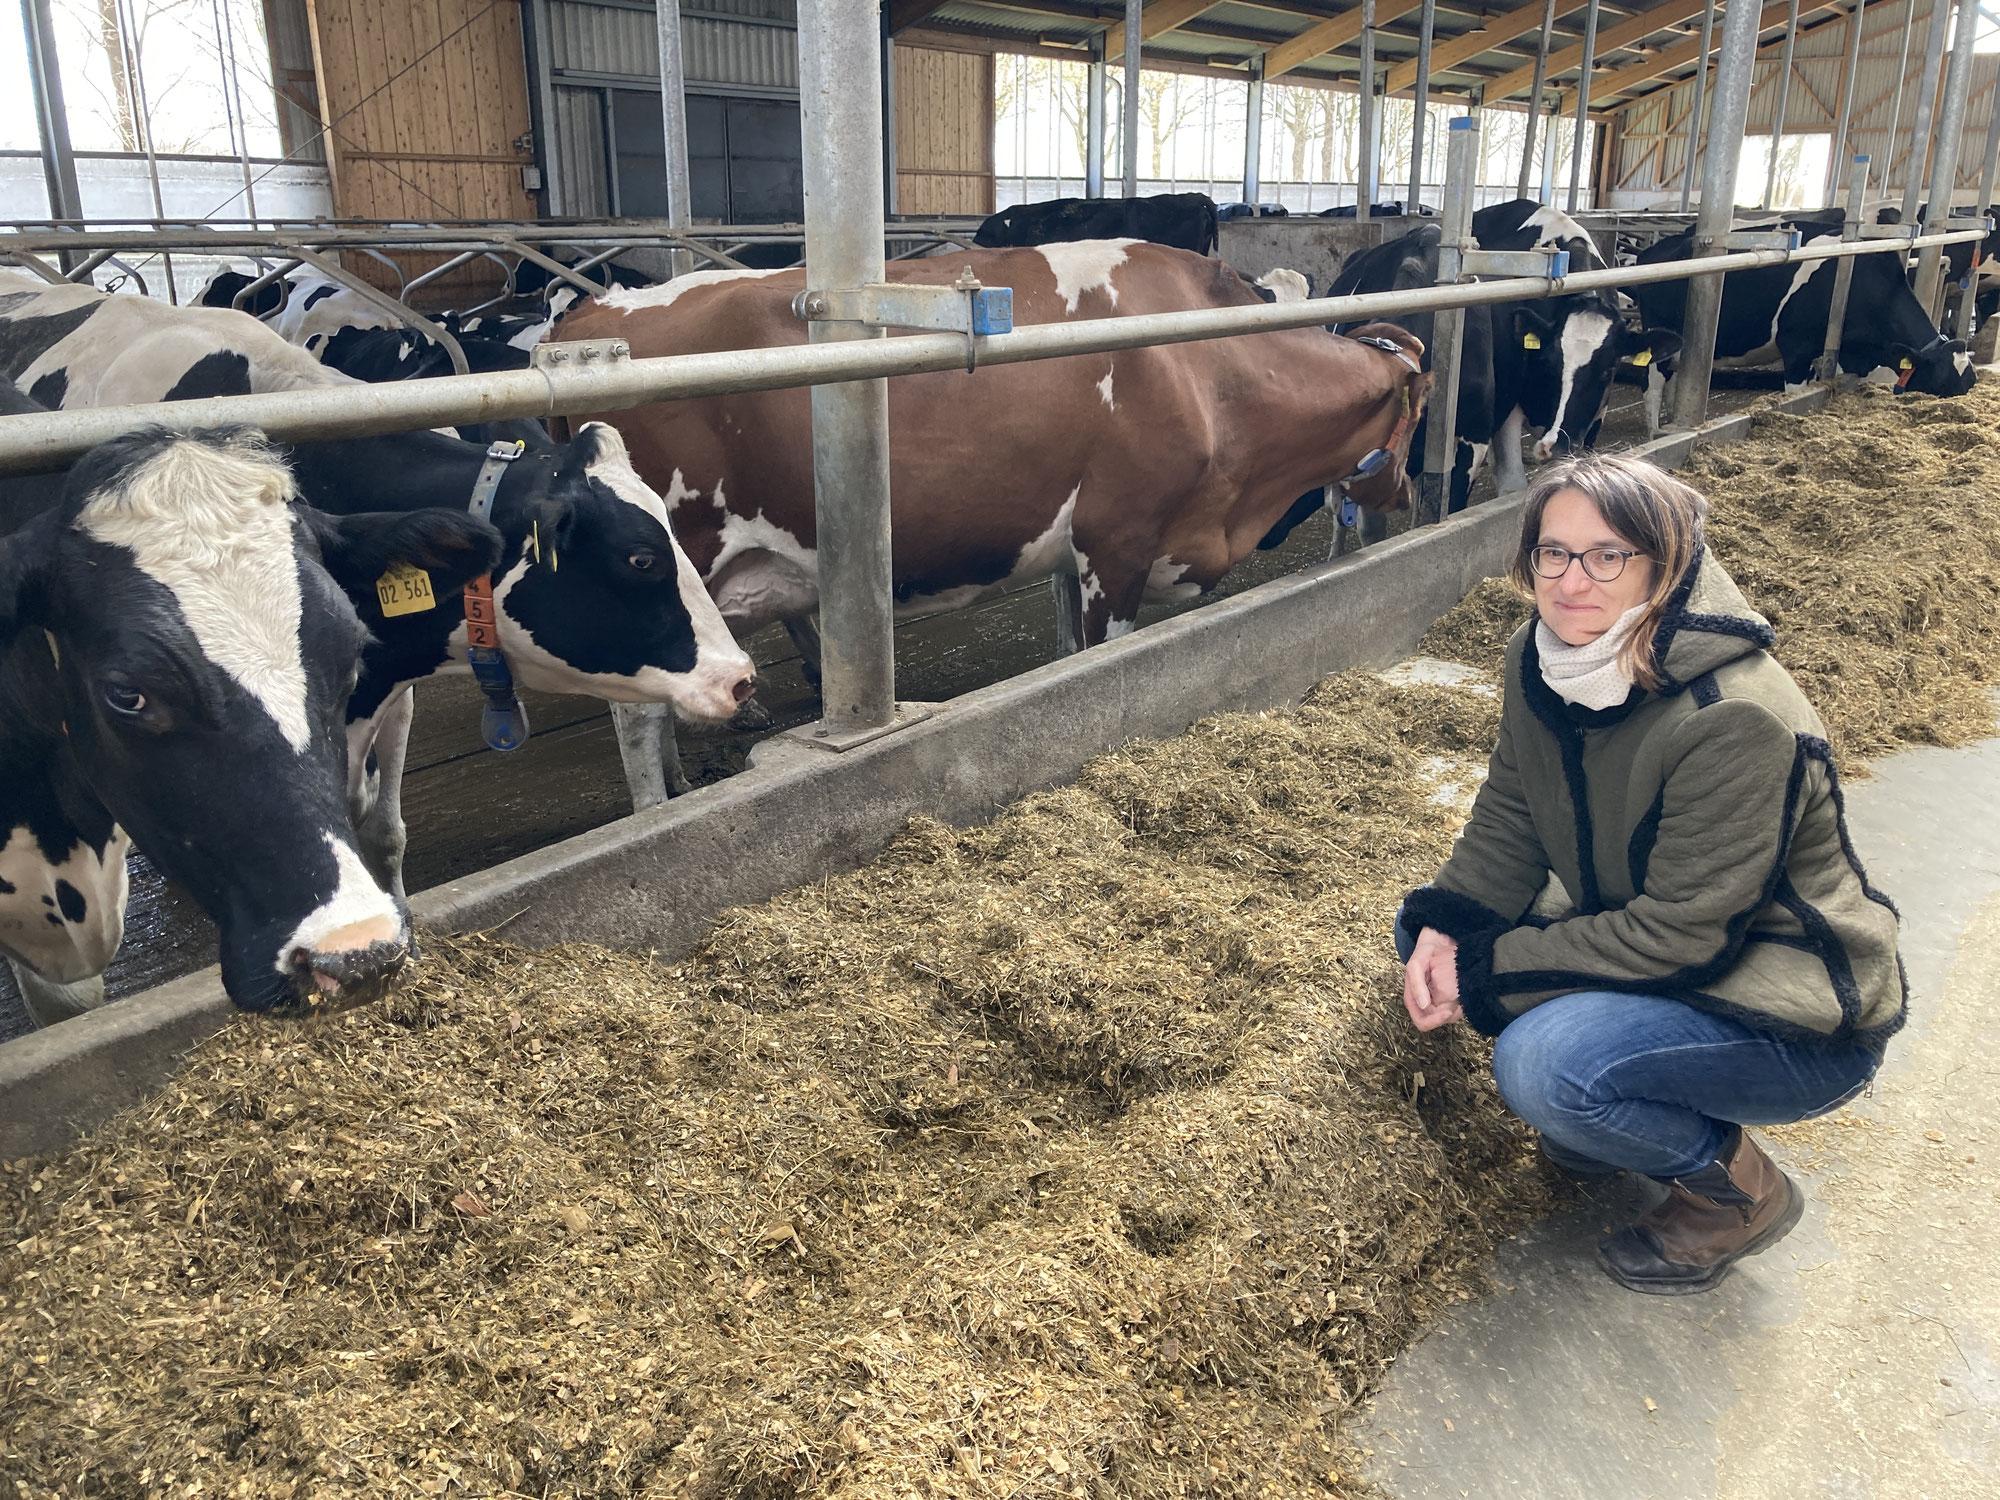 Klima trifft Agrar: Persönliche Blickwinkel vom Leben mit Kühen - mit und ohne Bio